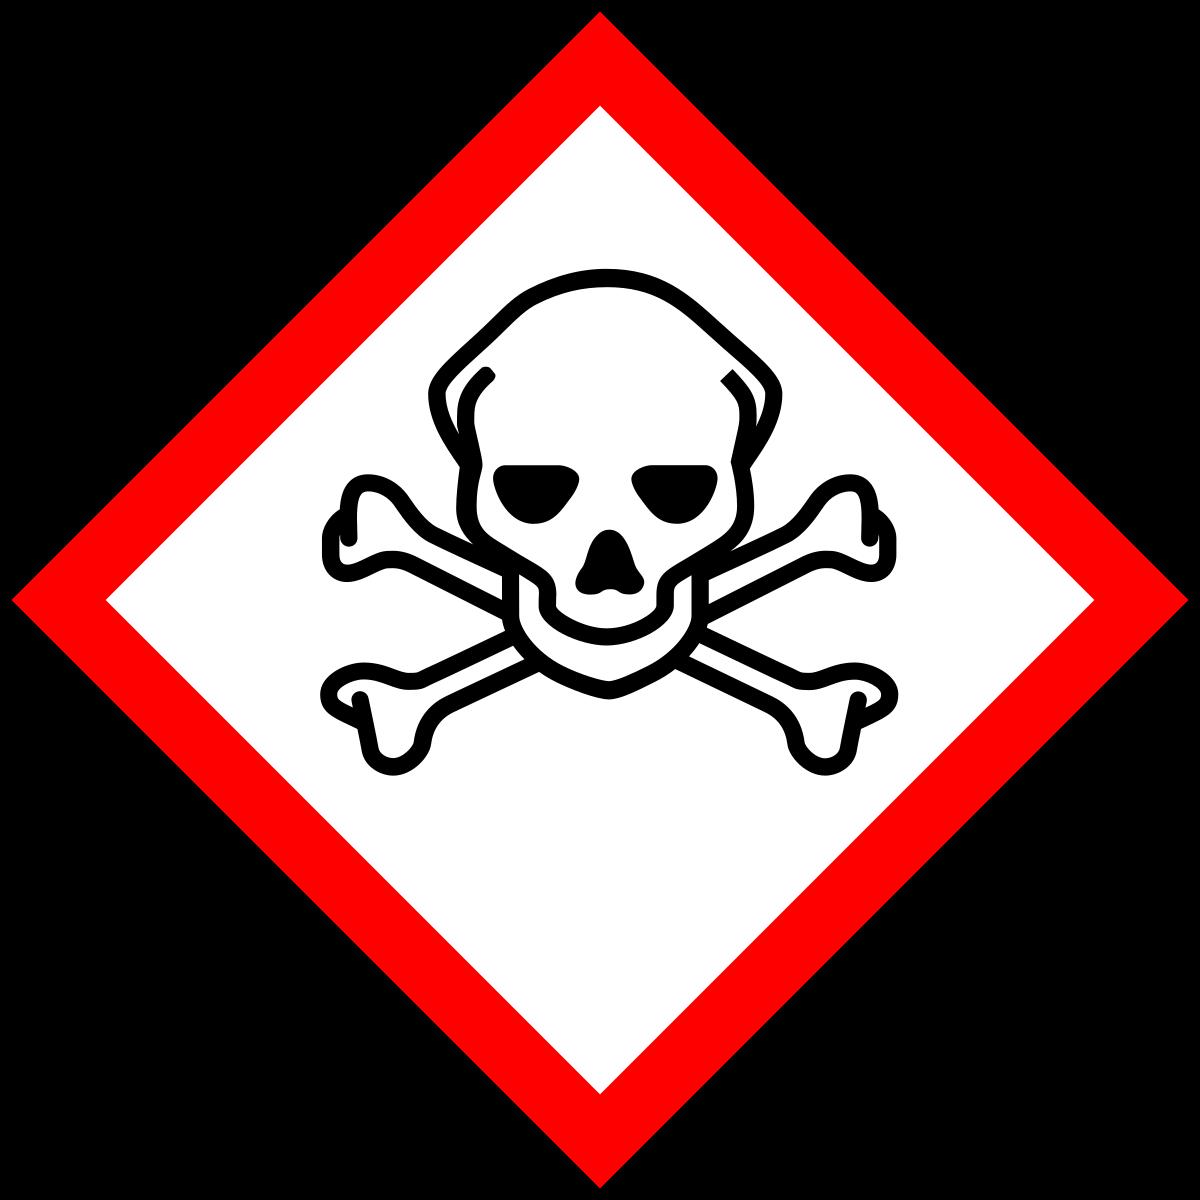 Pour les produits toxiques